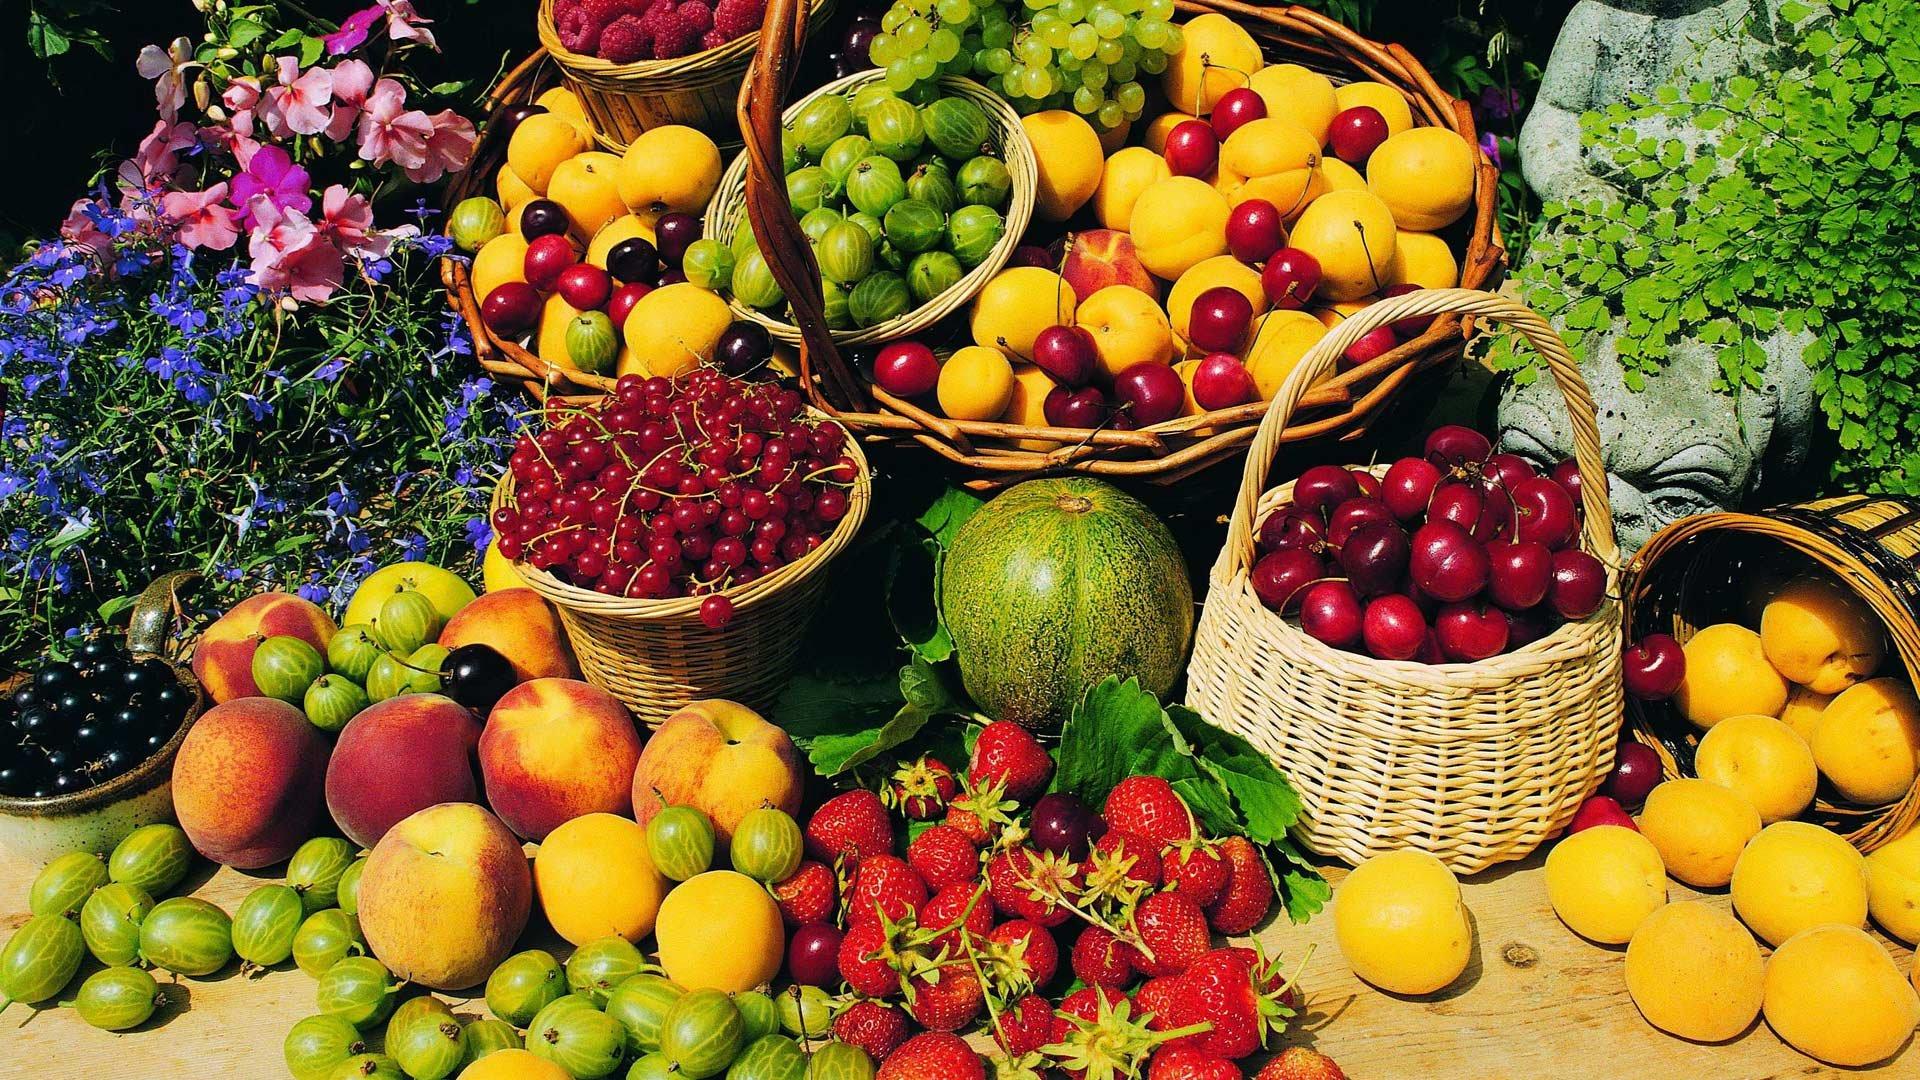 операции кубанские фрукты фото фото каталоге